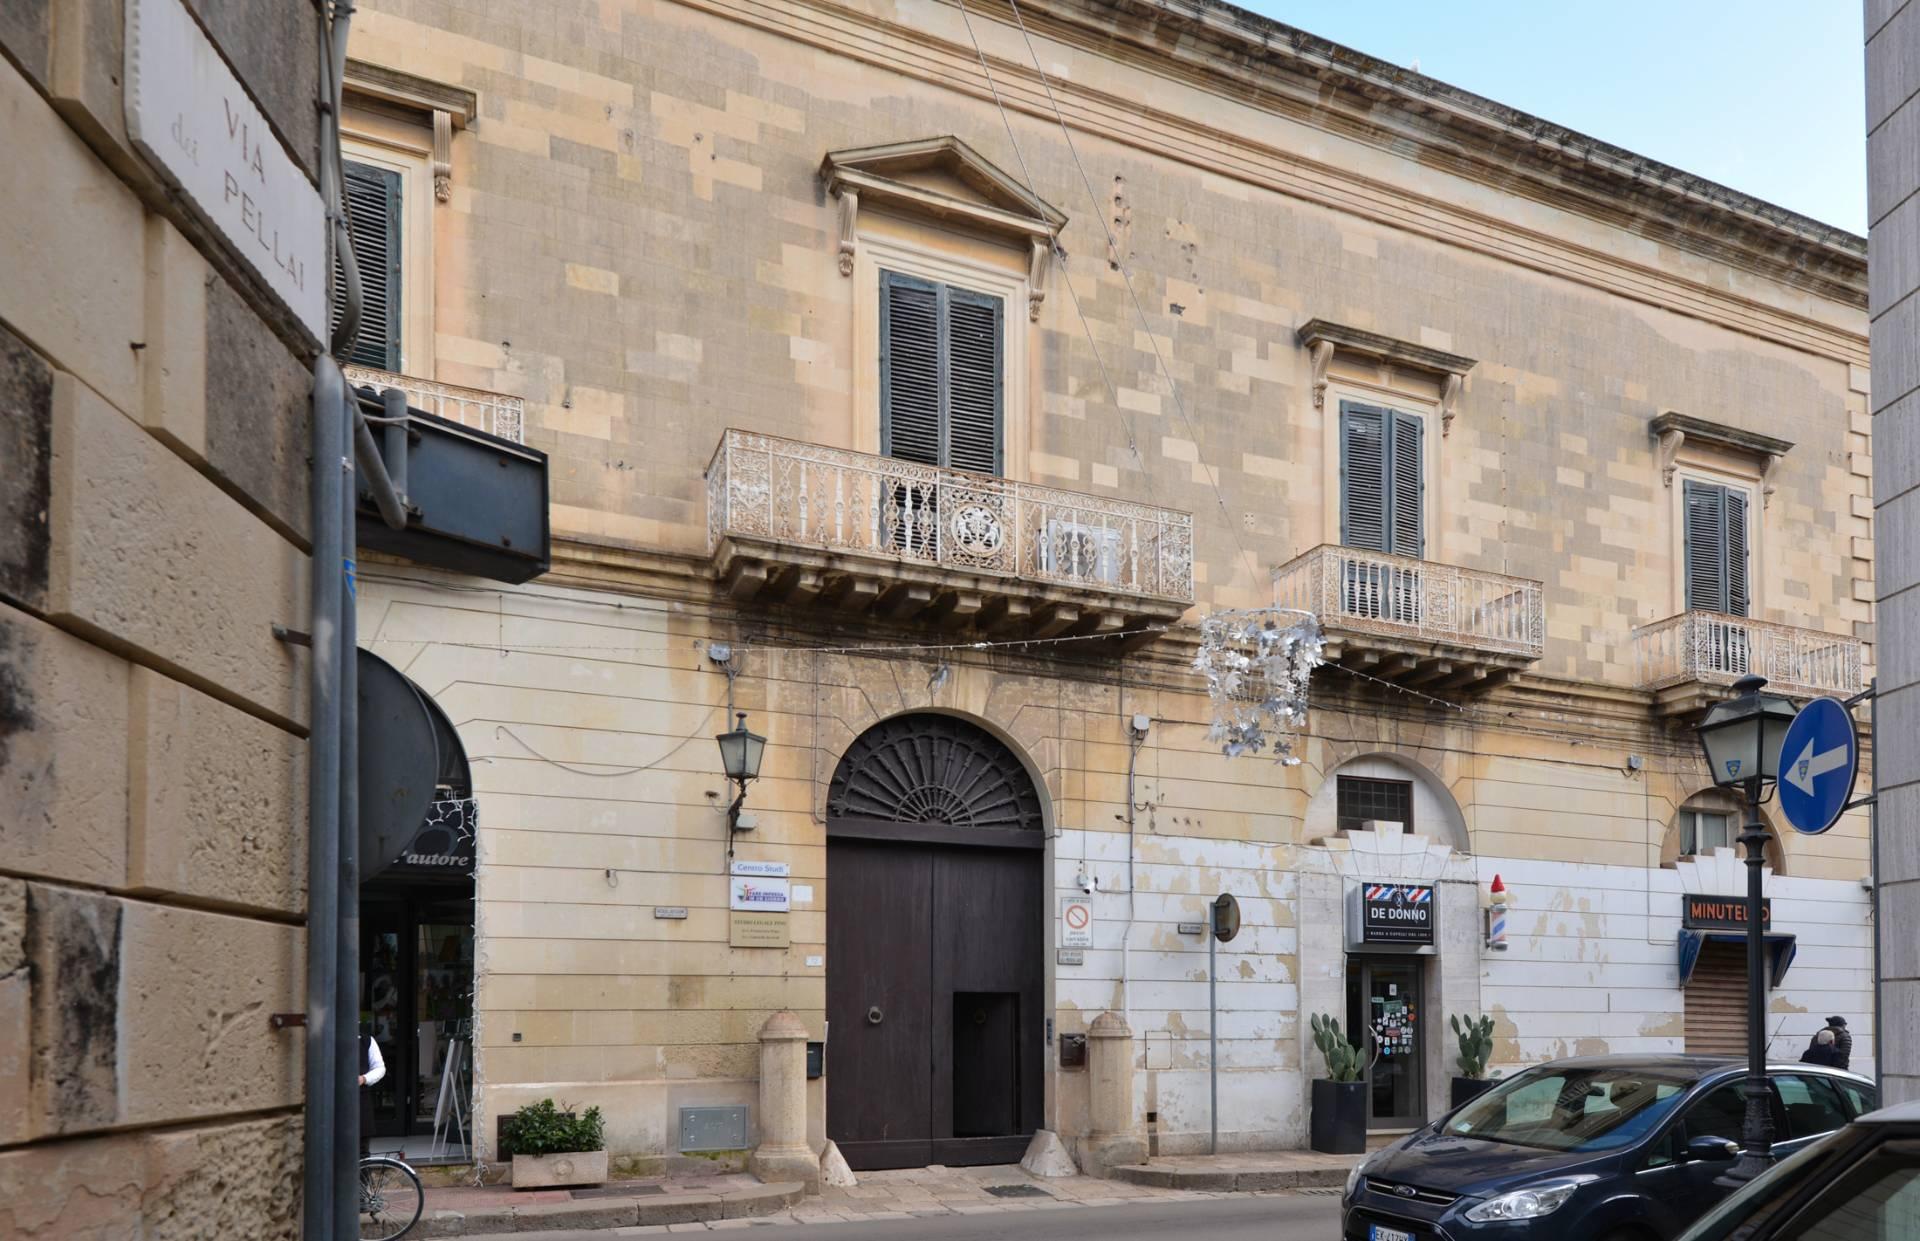 Palazzo / Stabile in vendita a Maglie, 14 locali, prezzo € 600.000 | CambioCasa.it